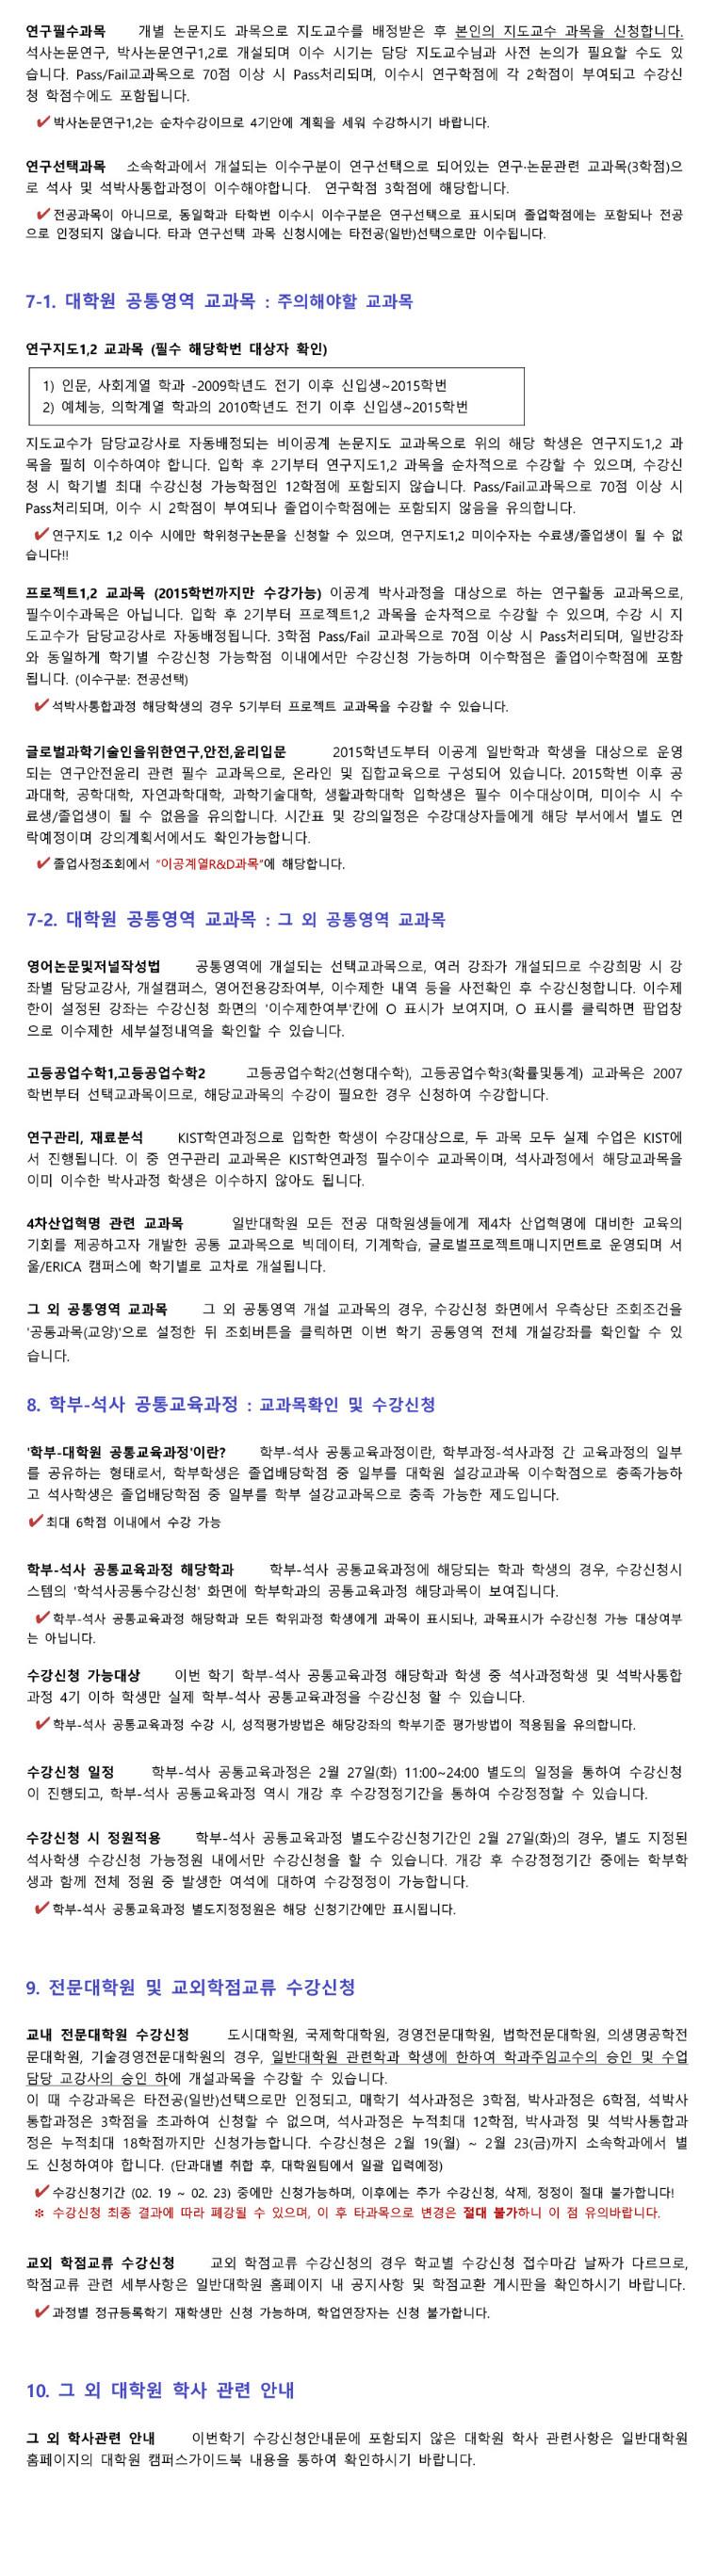 2018-1 수강신청안내문-3.jpg